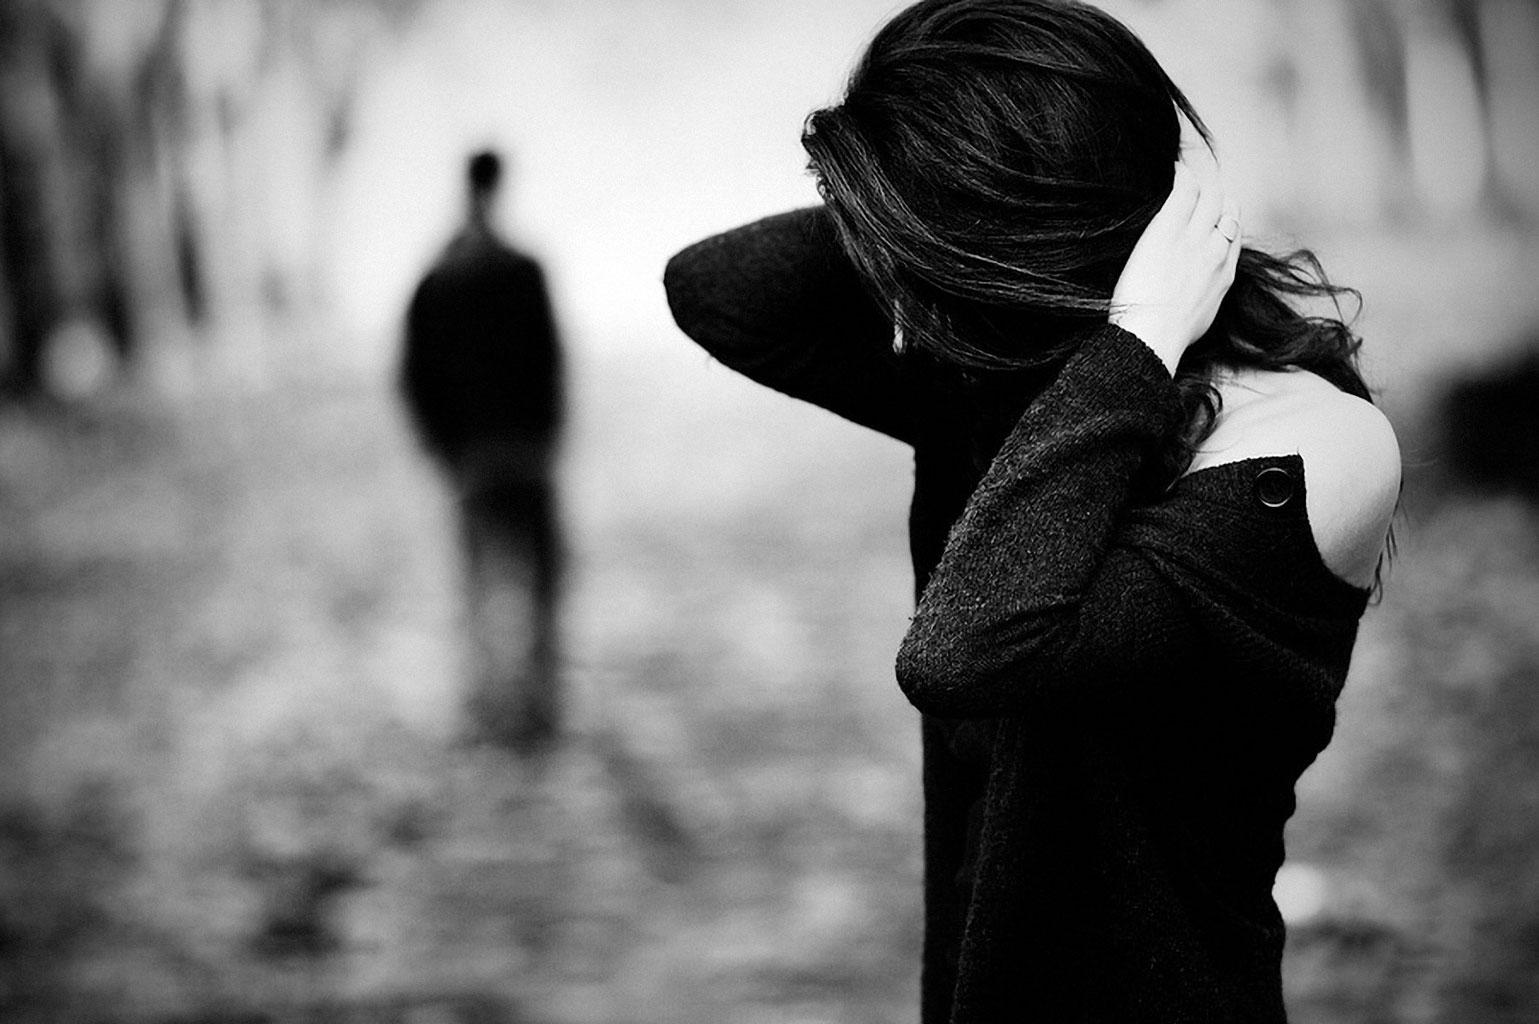 Szakítás - Értékes párkapcsolat a szakadék szélén